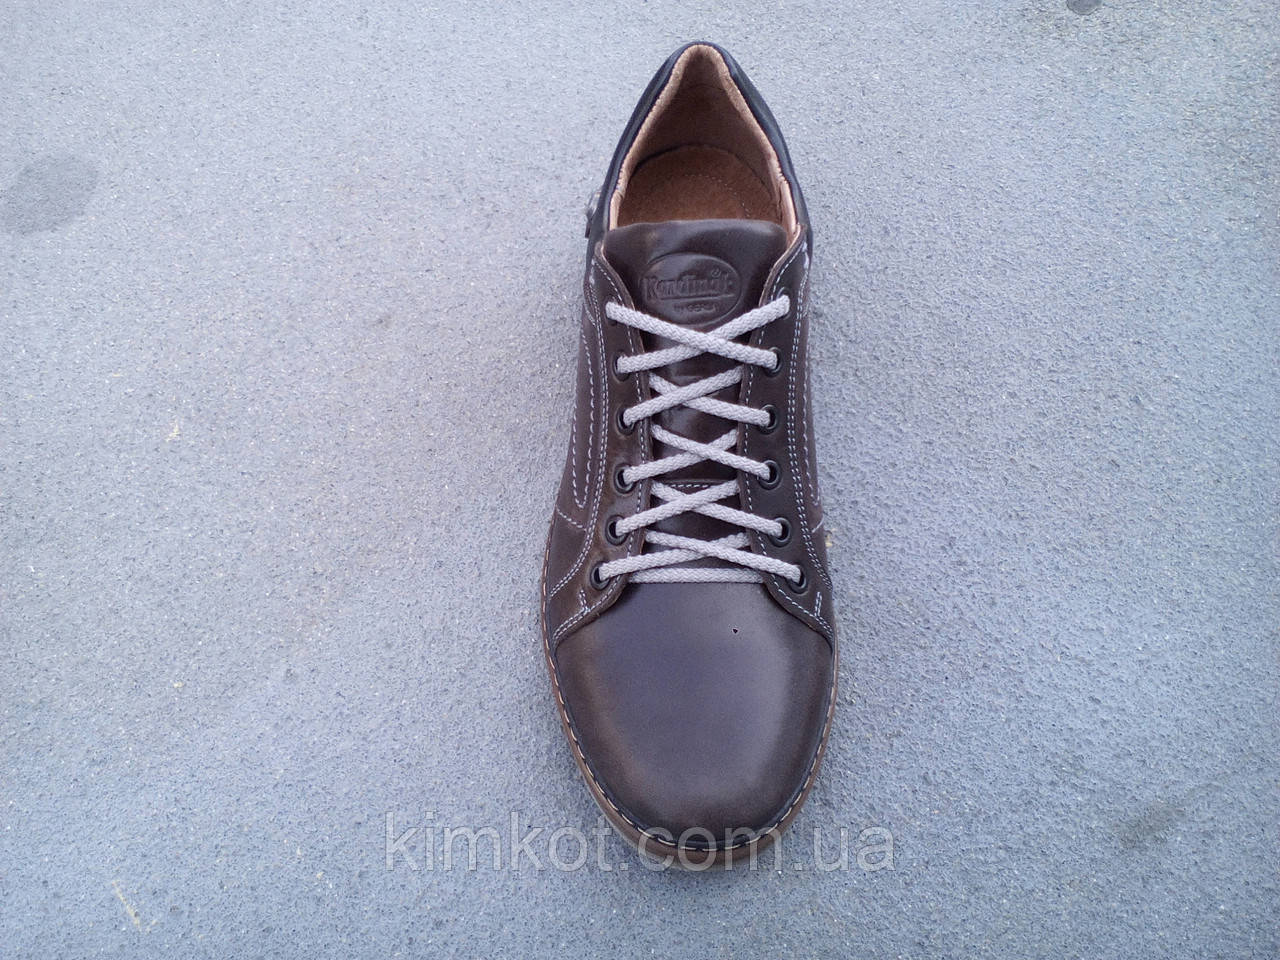 39cea5c29 Туфли мужские кожаные KARDINAL 40 -45 р-р, цена 790 грн., купить в Харькове  — Prom.ua (ID#342207109)